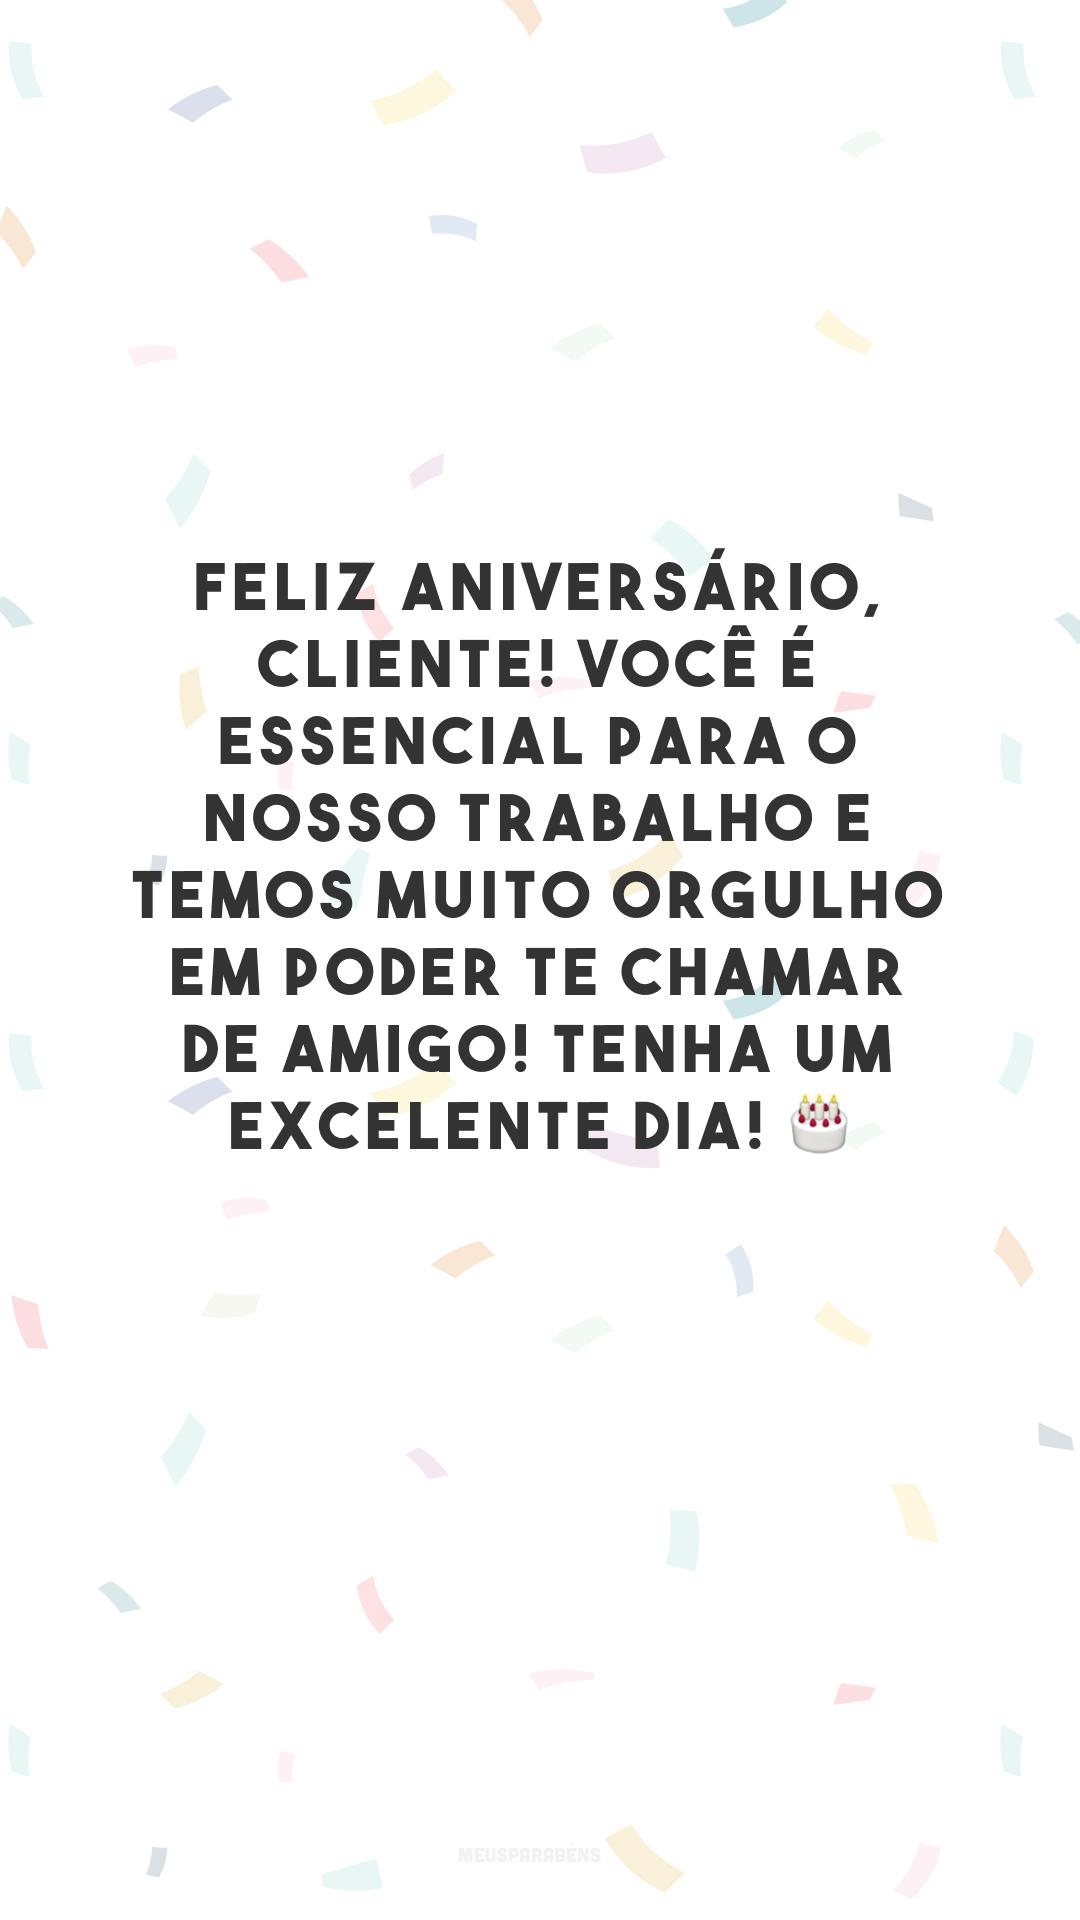 Feliz aniversário, cliente! Você é essencial para o nosso trabalho e temos muito orgulho em poder te chamar de amigo! Tenha um excelente dia! 🎂